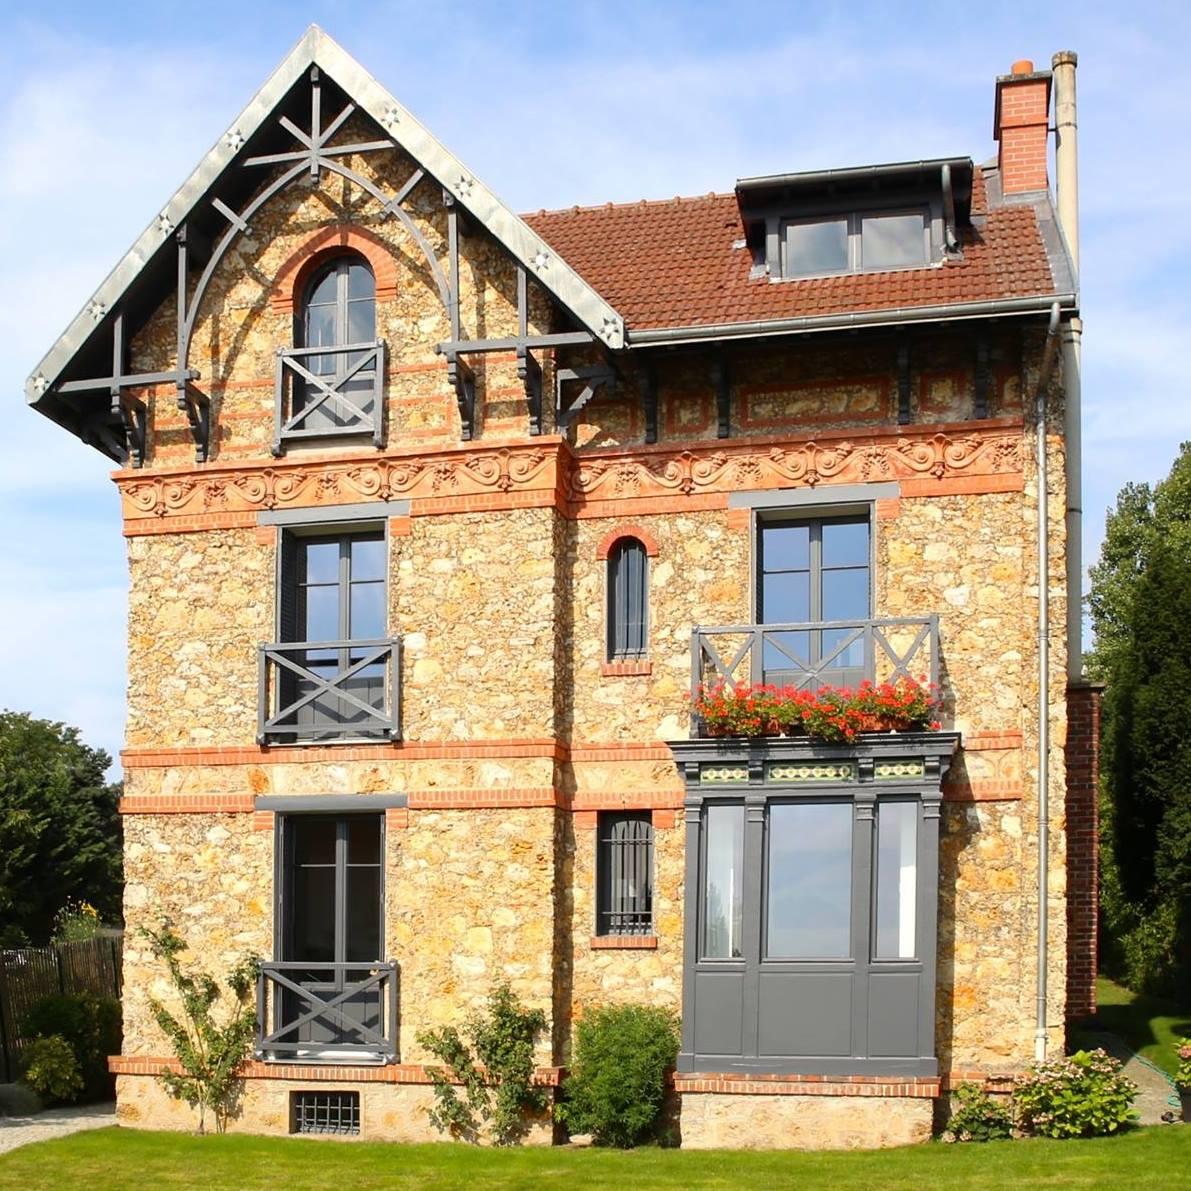 chambre d'hôtes - parthenay - gâtine poitevine - deux sèvres - la chapelle bertrand - gîte - charme - nouvelle aquitaine - bed and breakfast - chateau